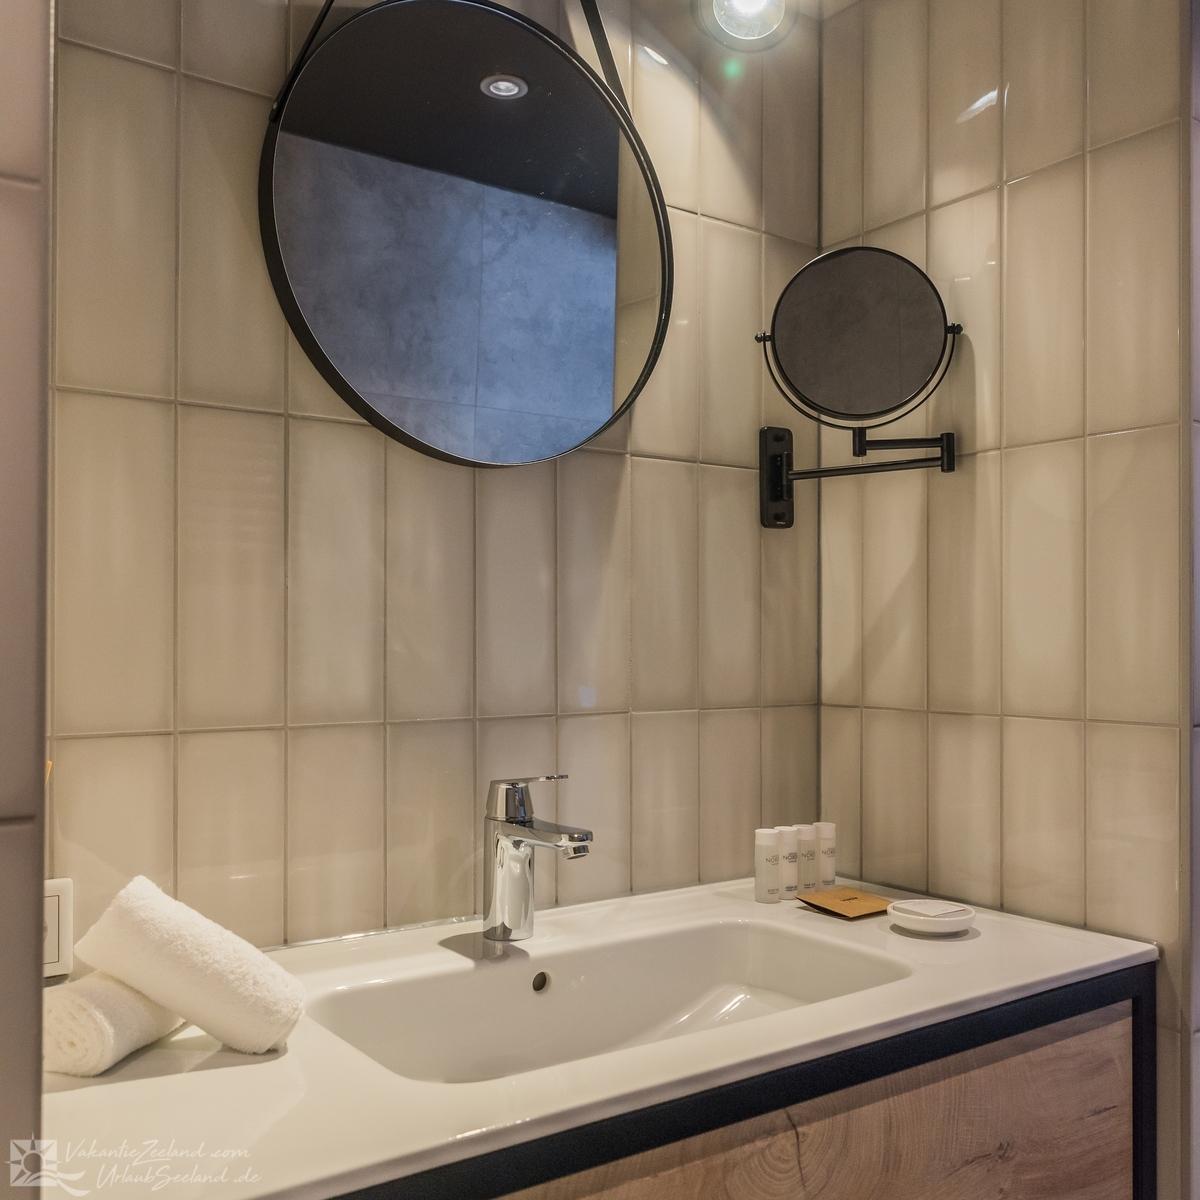 VZ911 Junior ocean suite in Vlissingen